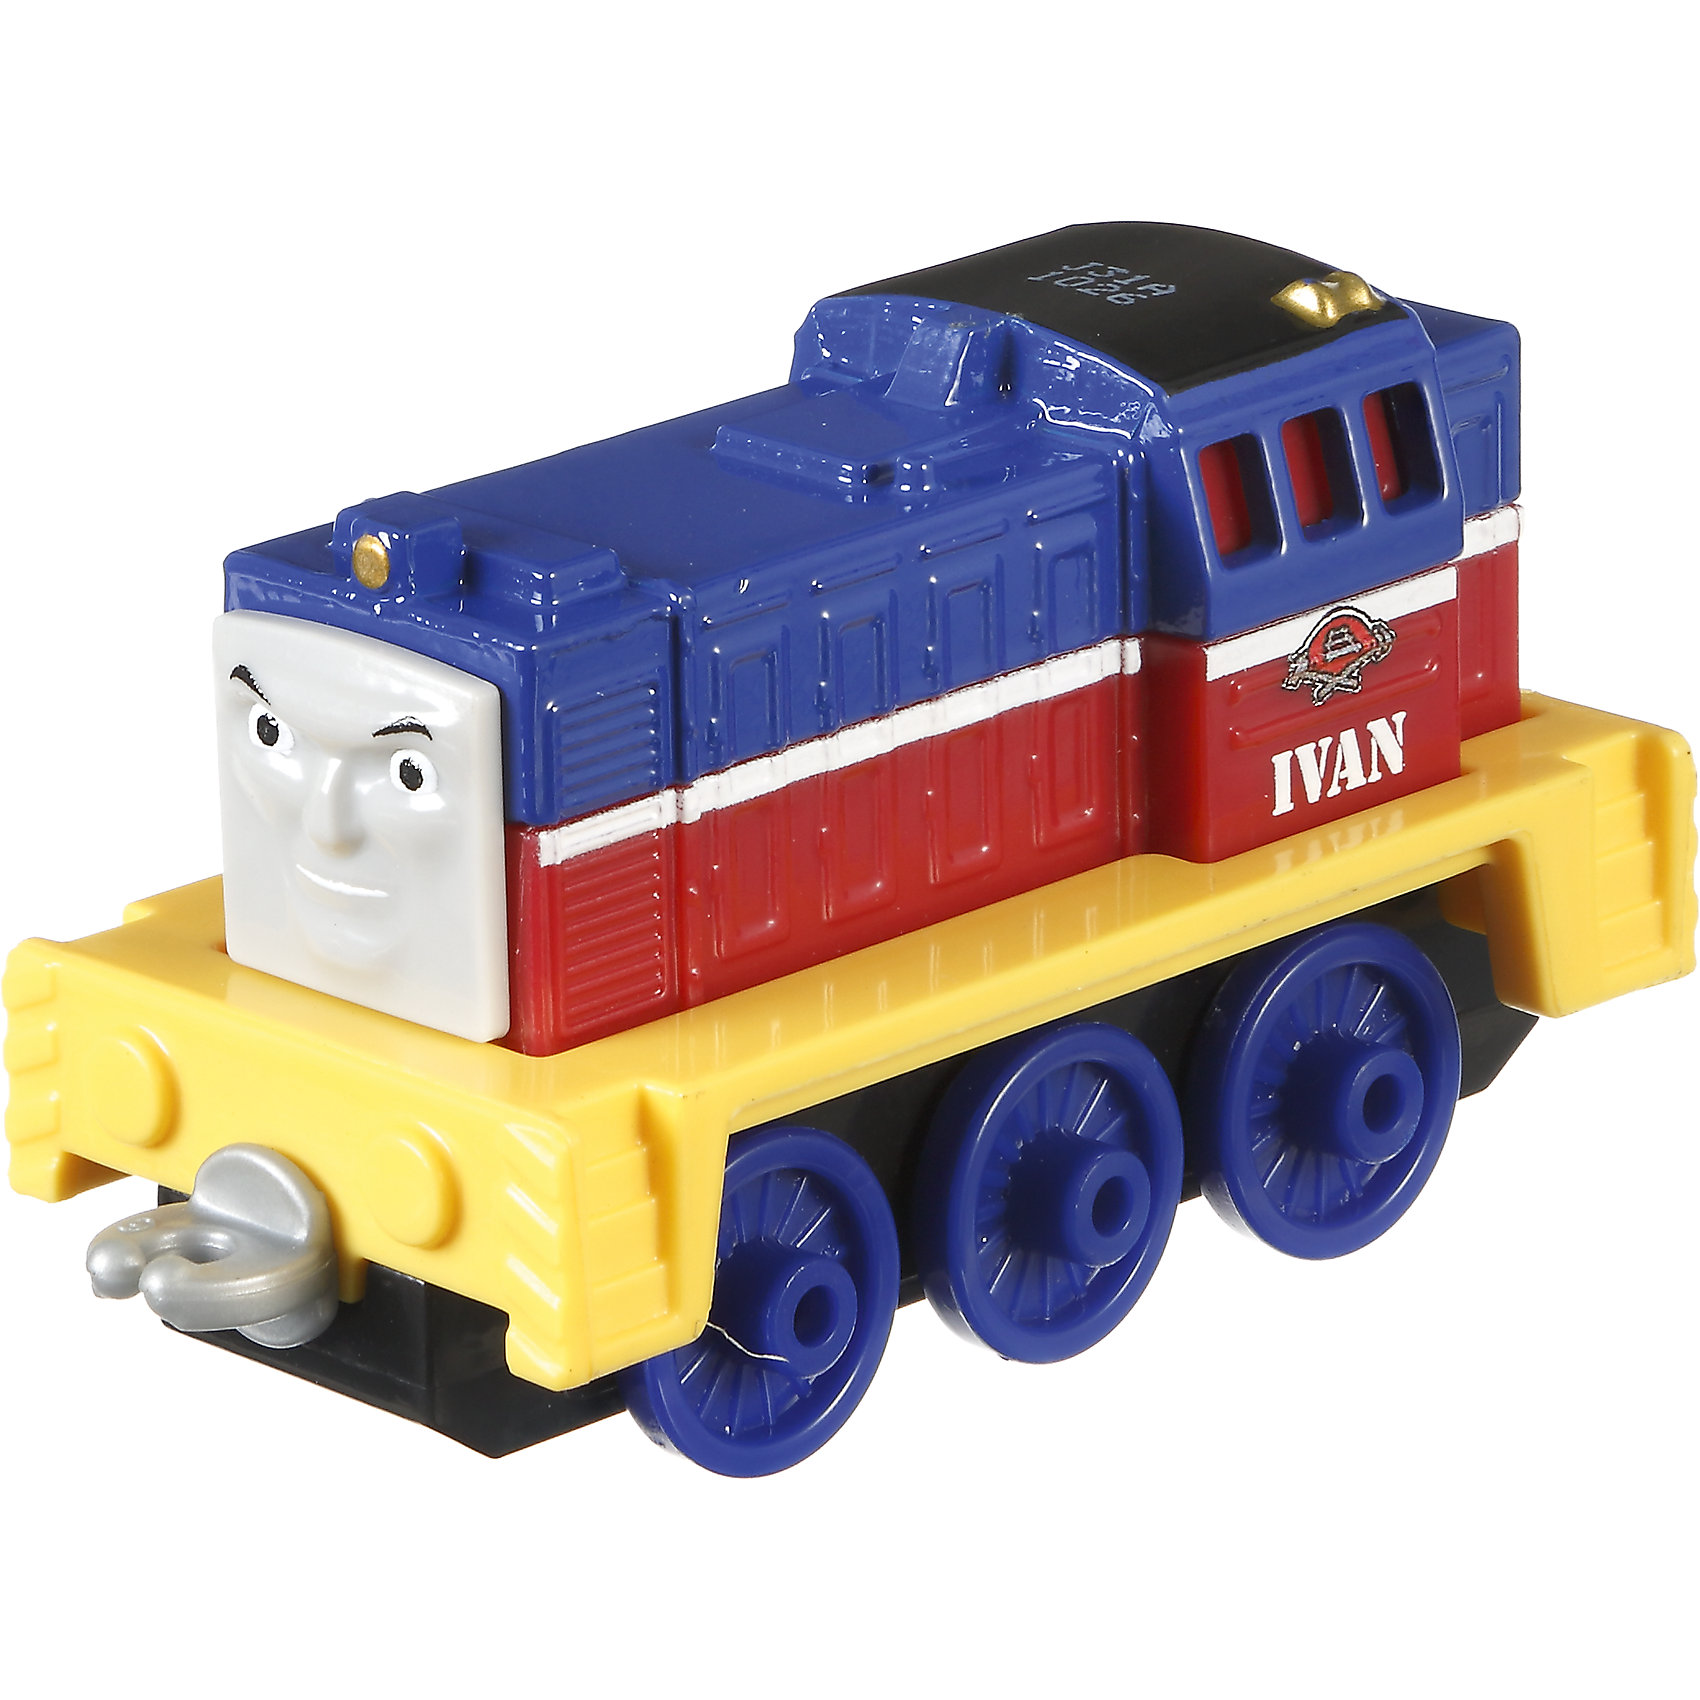 Маленький паровозик Томас и его друзья Adventures - ИванИгрушечная железная дорога<br>Характеристики товара:<br><br>• возраст: от 3-х лет <br>• материал: металл<br>• серия: Thomas &amp; Friends<br>• габариты игрушки: 15x10х20 см<br>• вес: 0.247 кг<br>• упаковка: блистер на картоне<br>• страна бренда: США<br><br>Иван – один из многочисленных друзей Томаса. Иван – уникальный гоночный паровозик из России. Выполненный из прочного металла литым способом, он останется любимой игрушкой долгие годы. Конструктор совместим с другими наборами аналогичной серии.<br><br>Игрушку Паровозик Иван, Томас и его друзья» можно приобрести в нашем интернет-магазине.<br><br>Ширина мм: 130<br>Глубина мм: 35<br>Высота мм: 115<br>Вес г: 64<br>Возраст от месяцев: 36<br>Возраст до месяцев: 120<br>Пол: Мужской<br>Возраст: Детский<br>SKU: 5378275